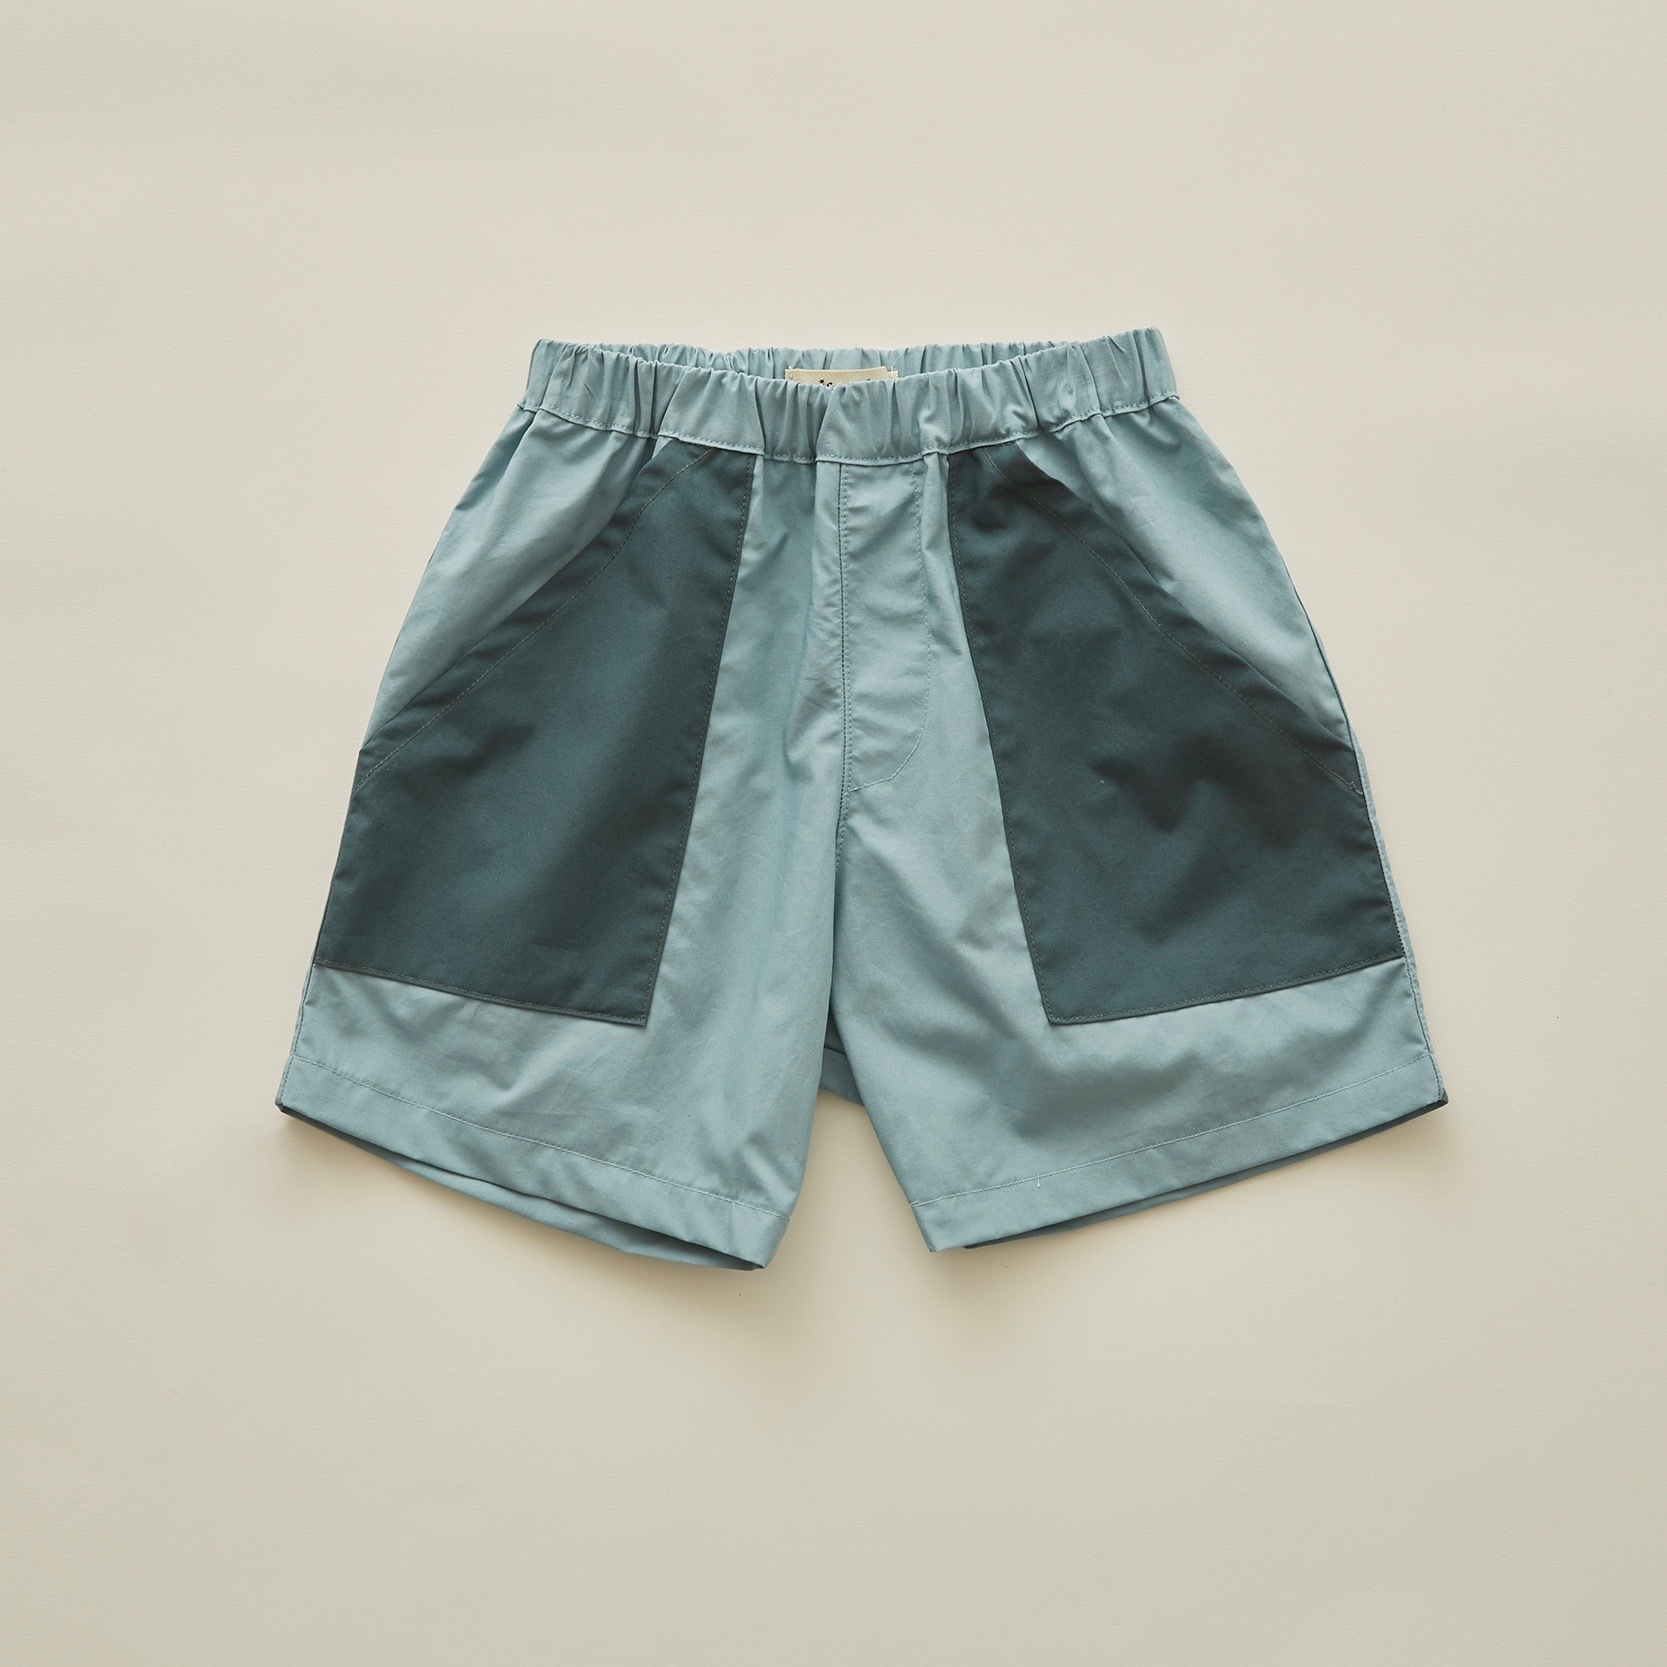 《eLfinFolk 2020SS》typwriter shorts / sky blue / 110-130cm